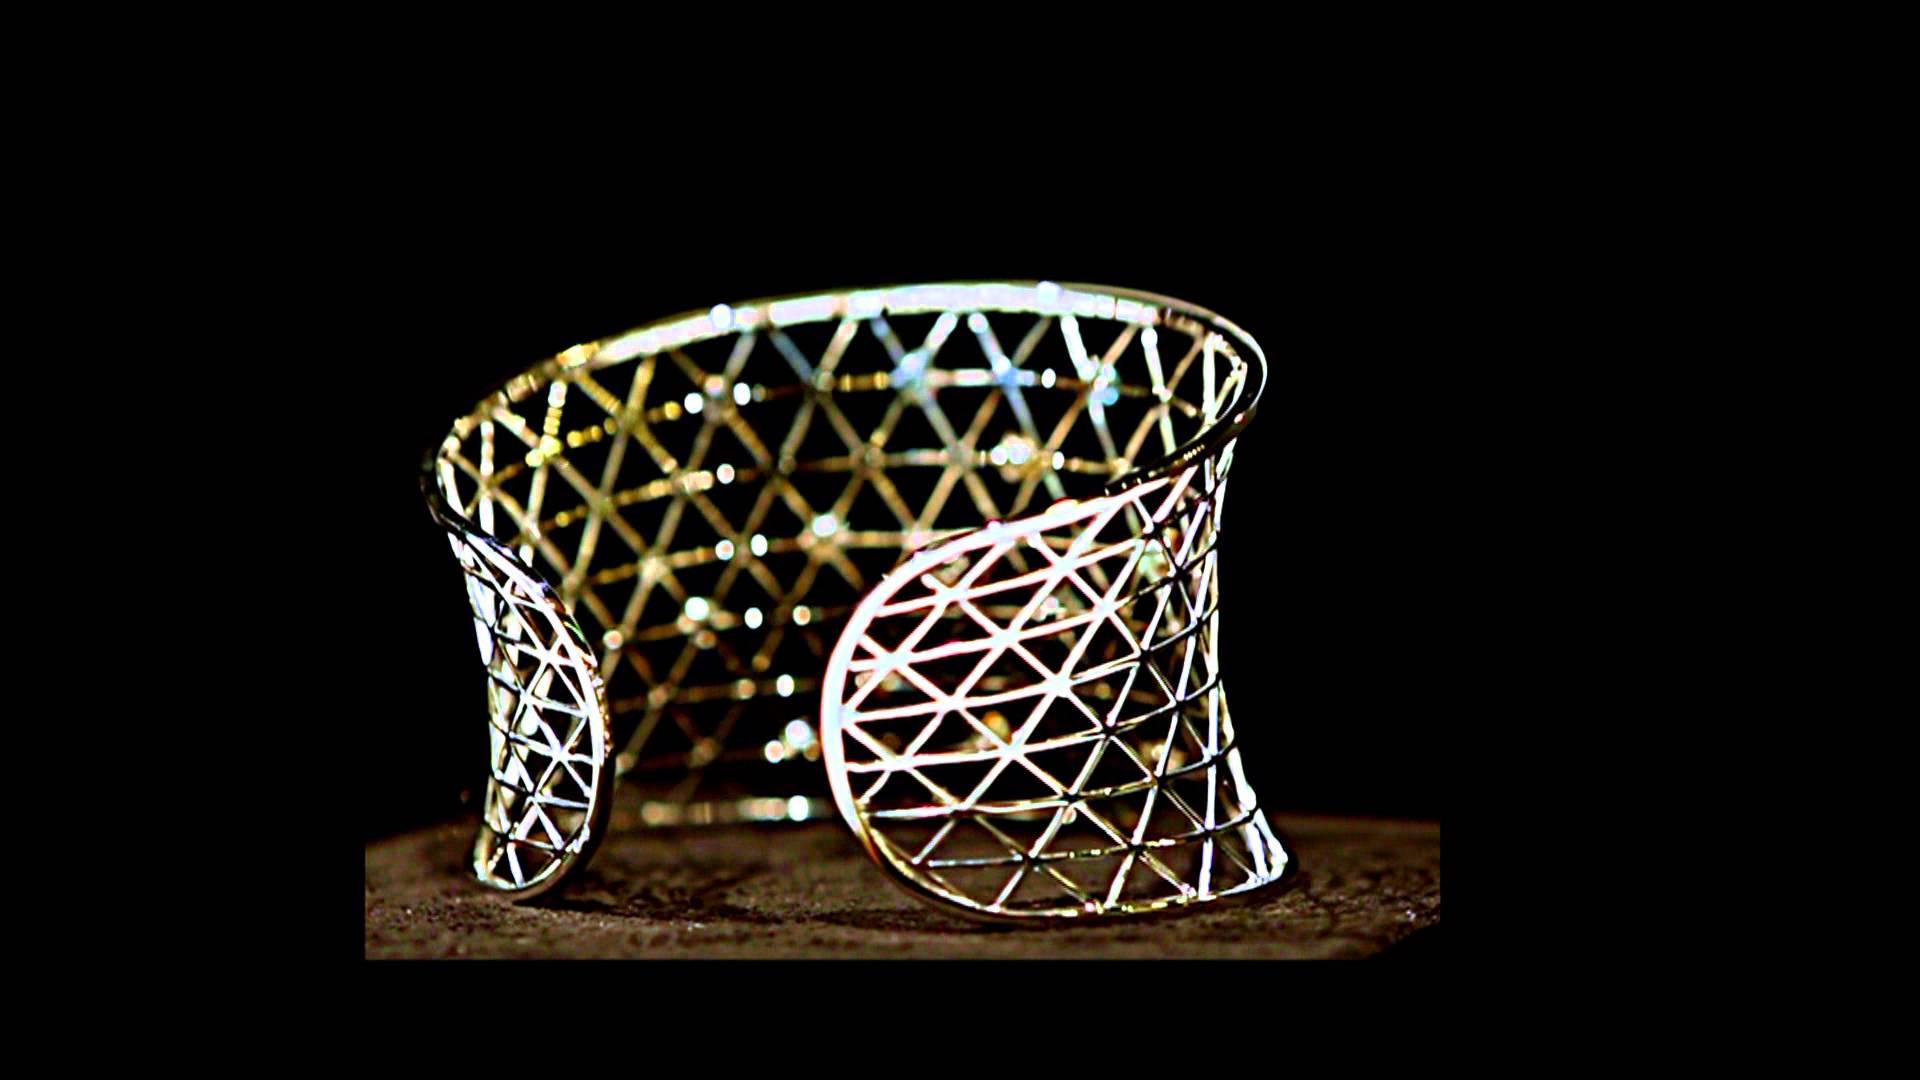 Браслеты с бриллиантами: выбор, характеристики и описание изделий